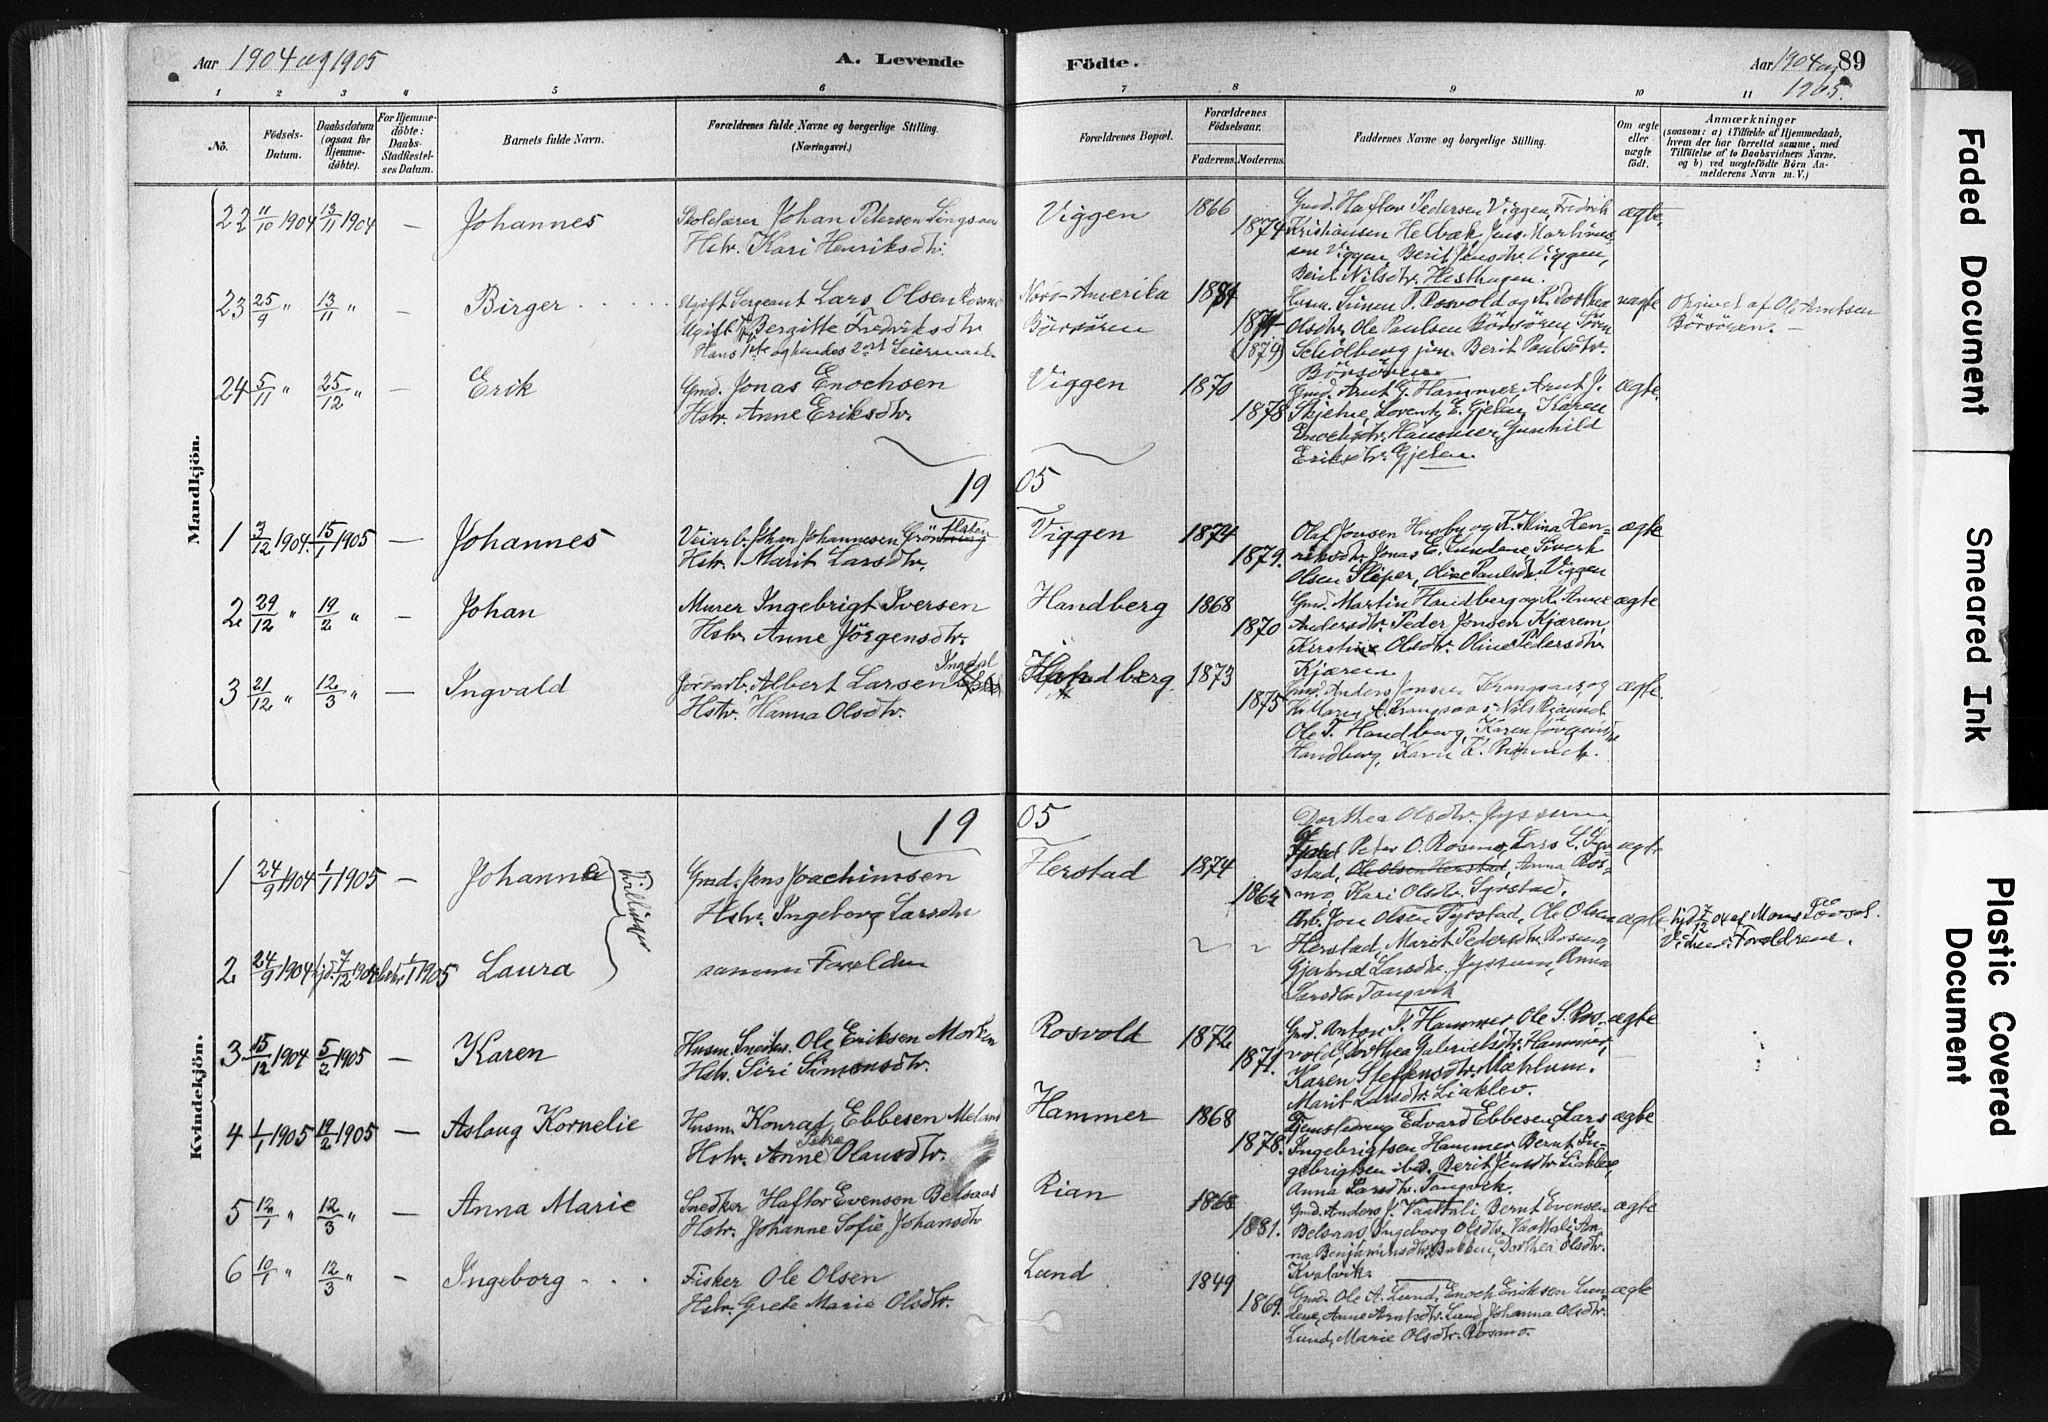 SAT, Ministerialprotokoller, klokkerbøker og fødselsregistre - Sør-Trøndelag, 665/L0773: Ministerialbok nr. 665A08, 1879-1905, s. 89